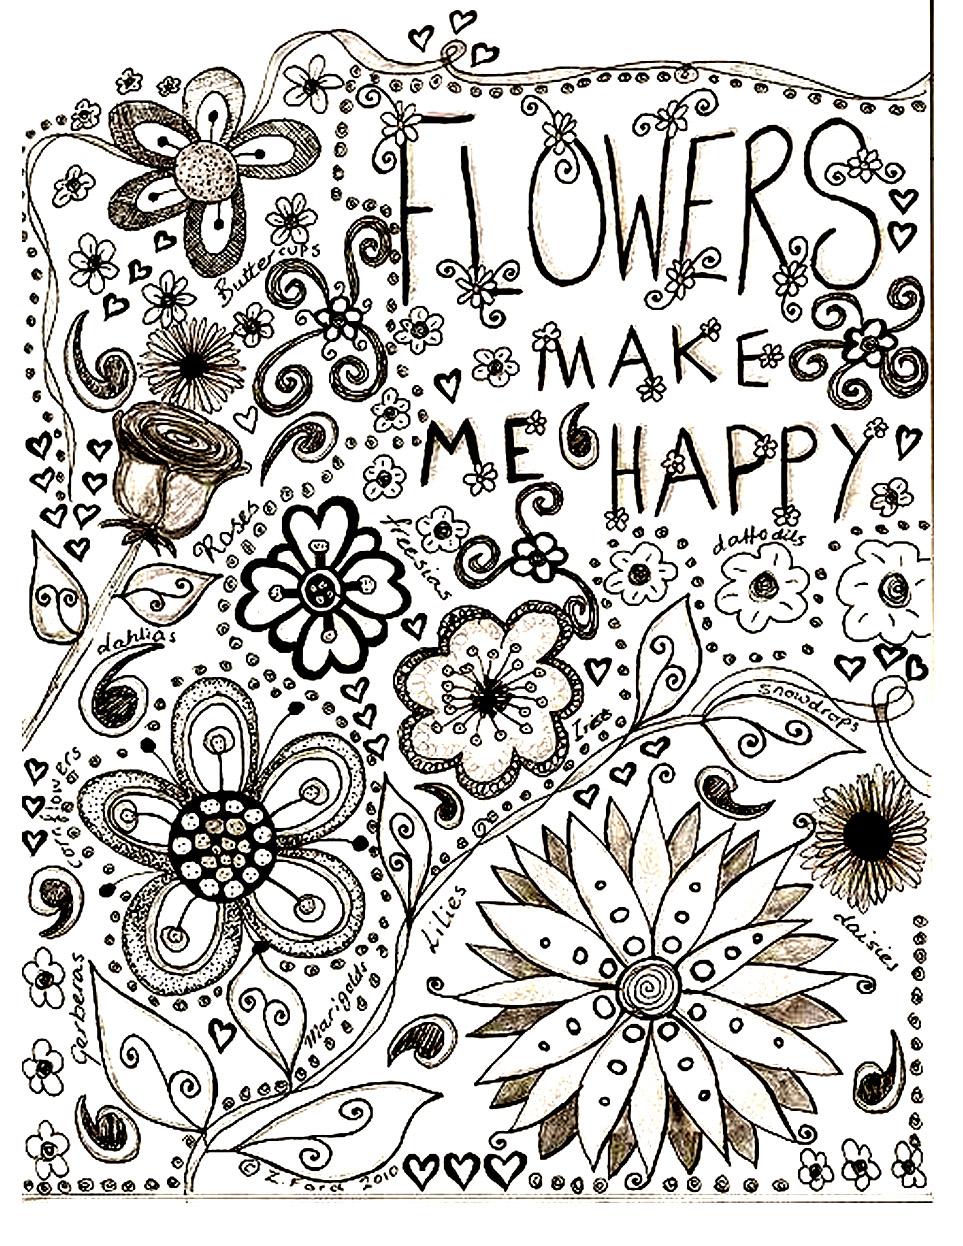 Un superbe dessin de fleurs et motifs végétaux à colorier sans plus tarder